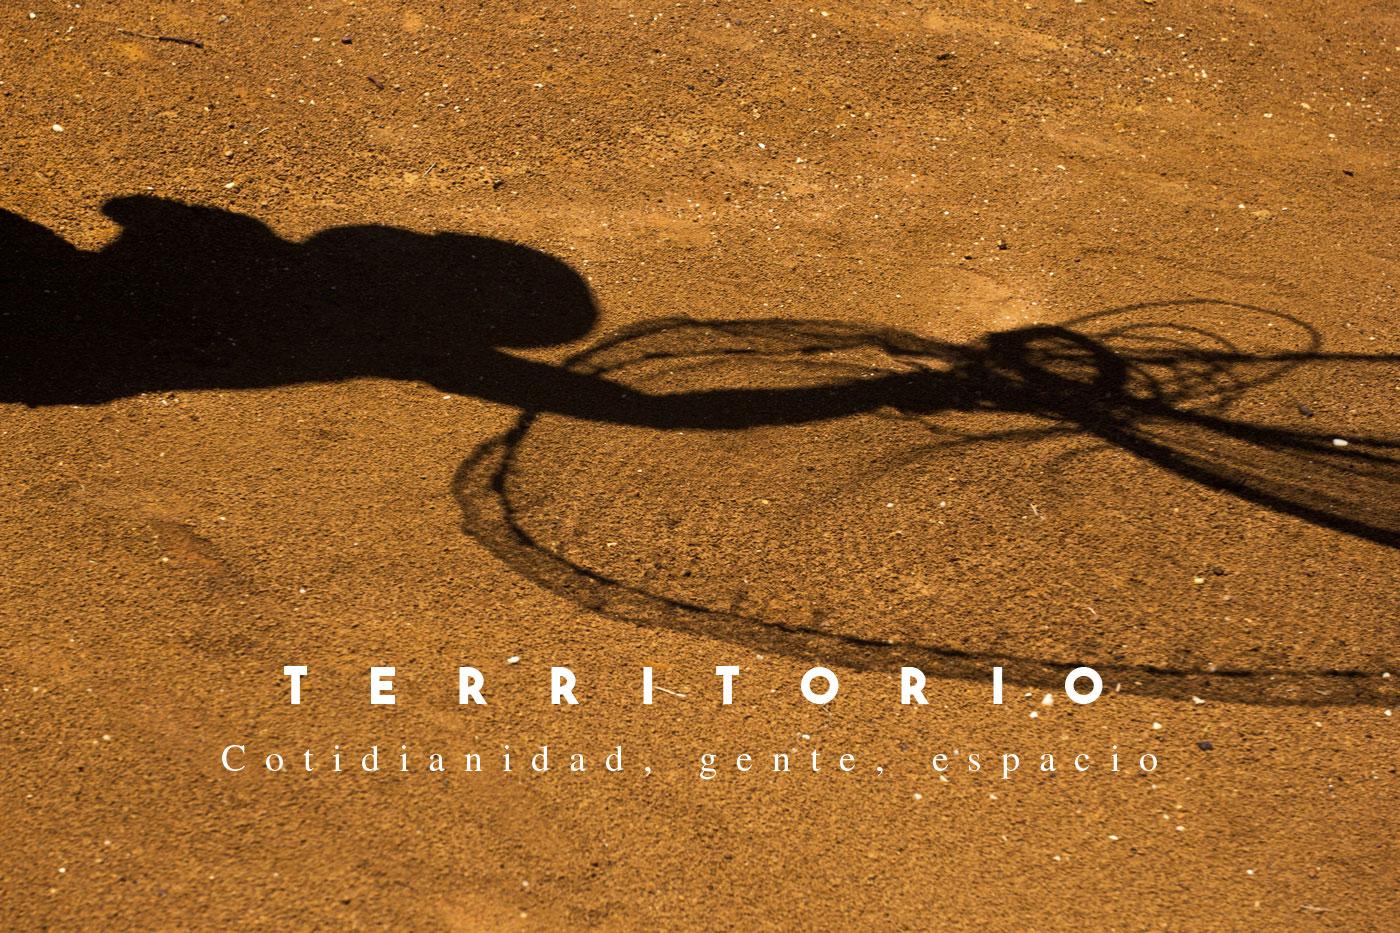 territorio01-ok.jpg